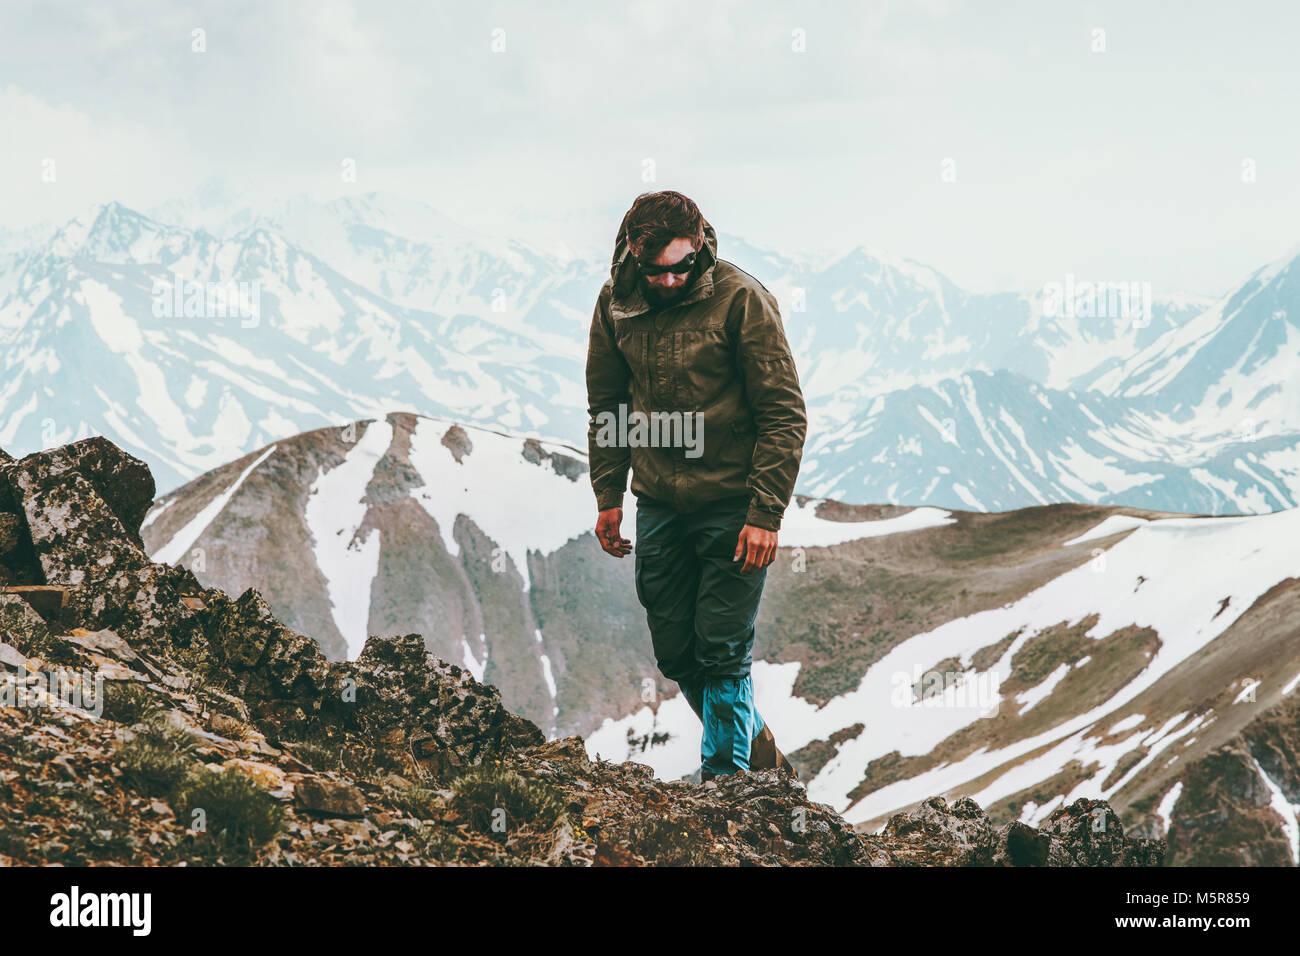 Montagne ESCURSIONISMO UOMO Stile di vita viaggio avventura concetto outdoor vacanze attive trekking sport natura Immagini Stock